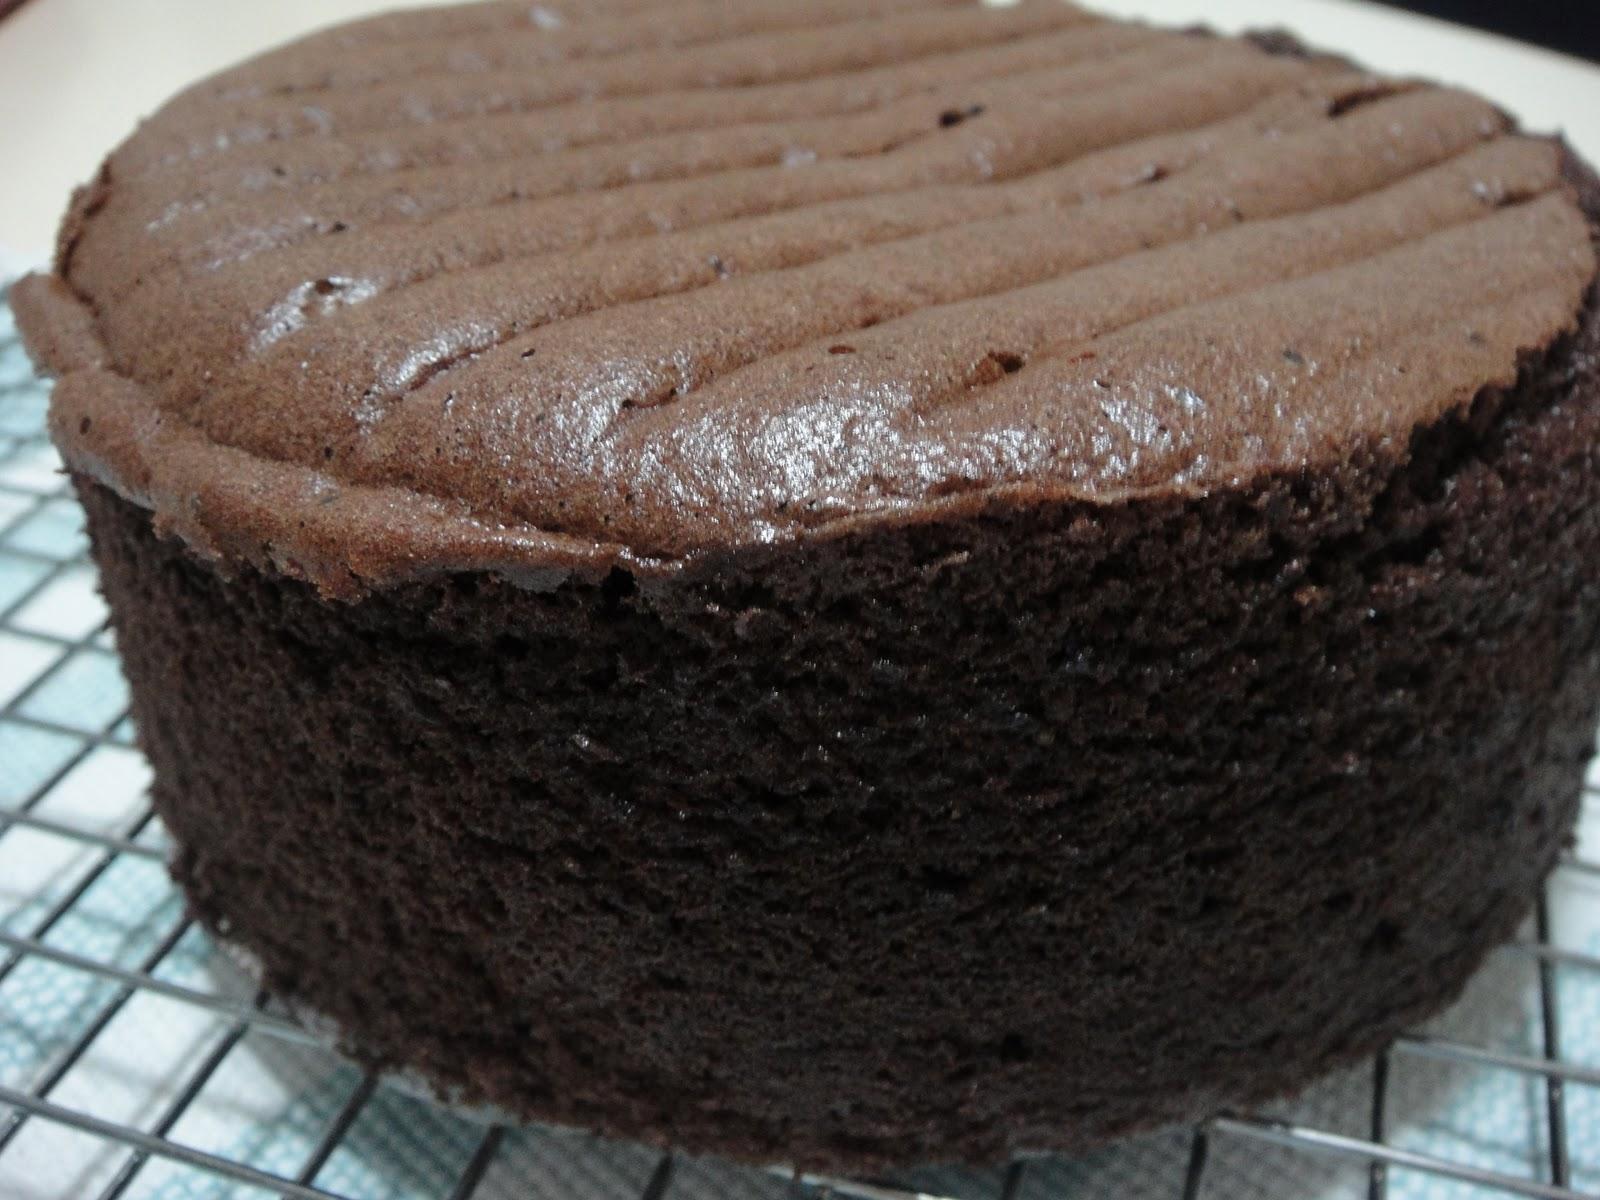 بالصور طريقة عمل الكيكة الاسفنجية بالصور , طرق بسيطه لعمل الكيكات الاسفنجيه المختلفه الرائعه 1215 5